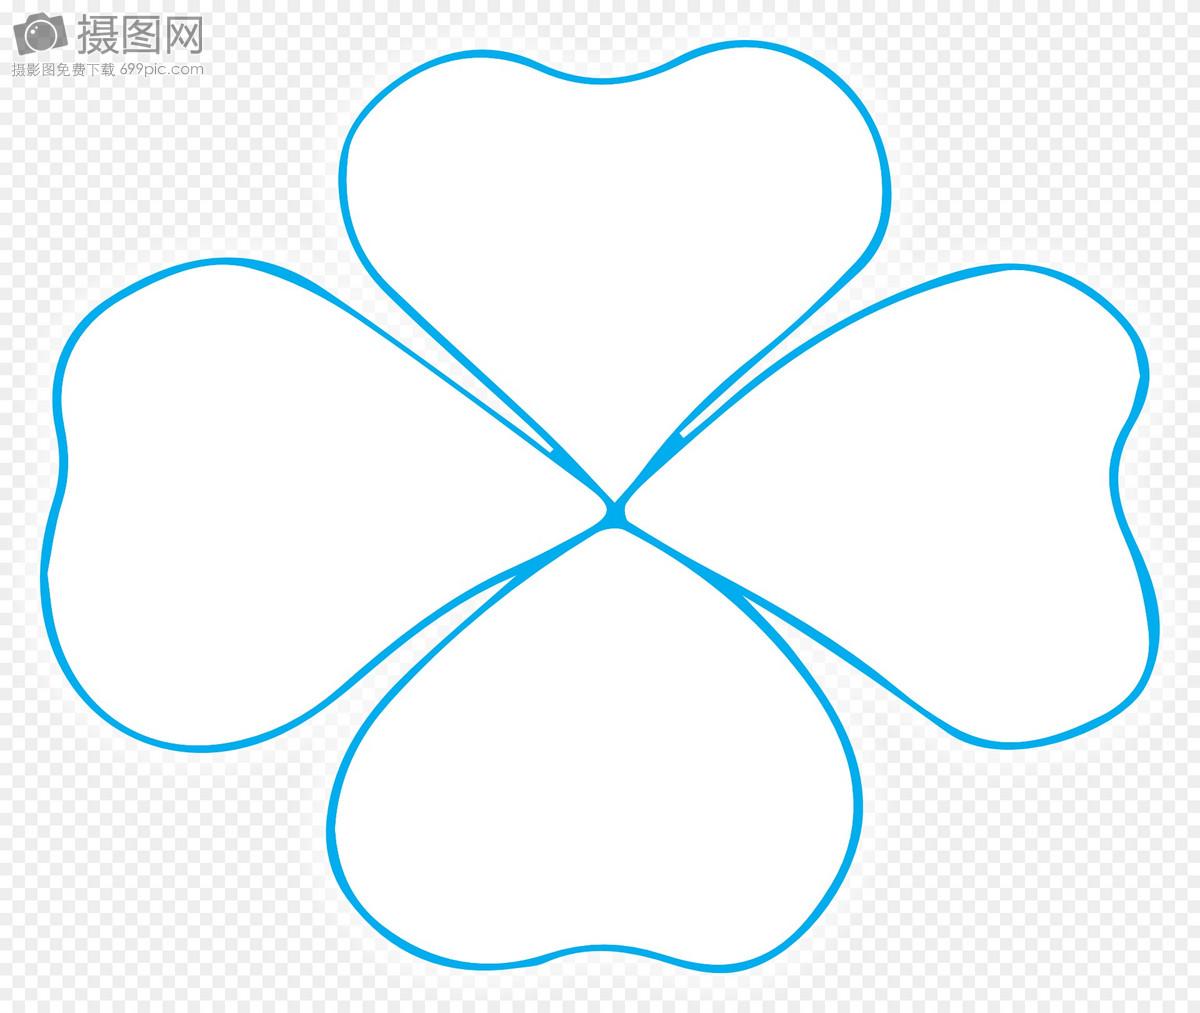 四叶草蓝色边框